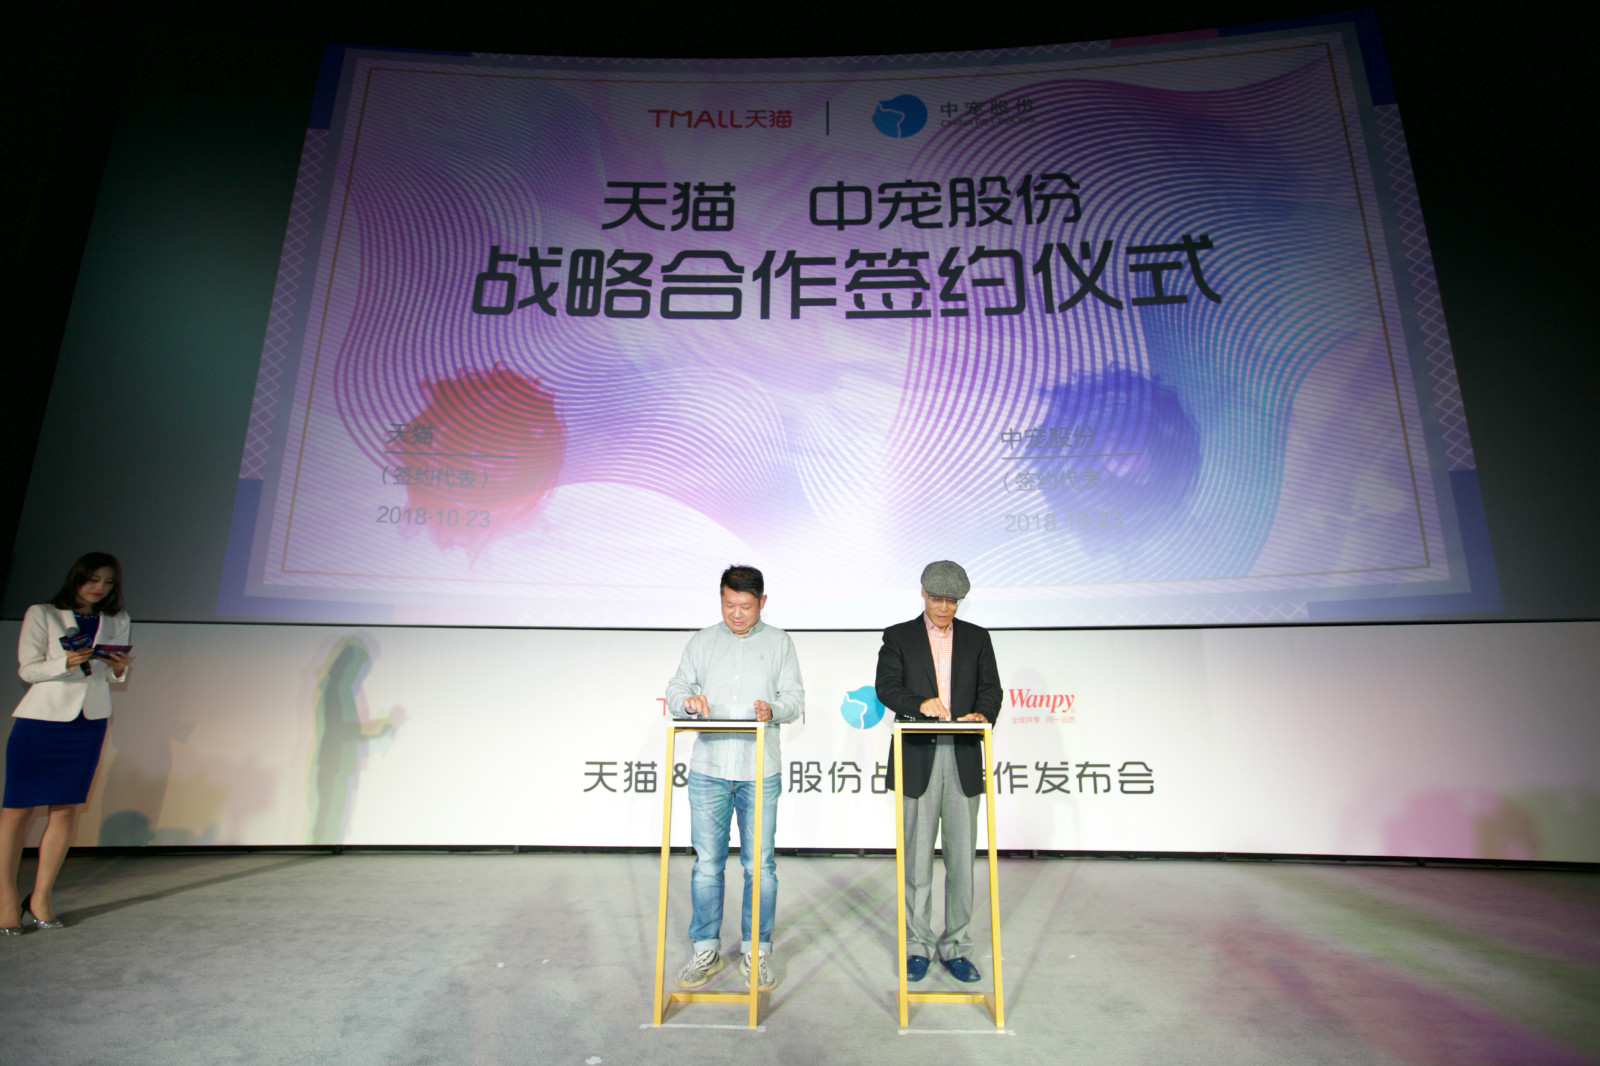 中宠股份与天猫在杭州召开战略合作发布会_meitu_16